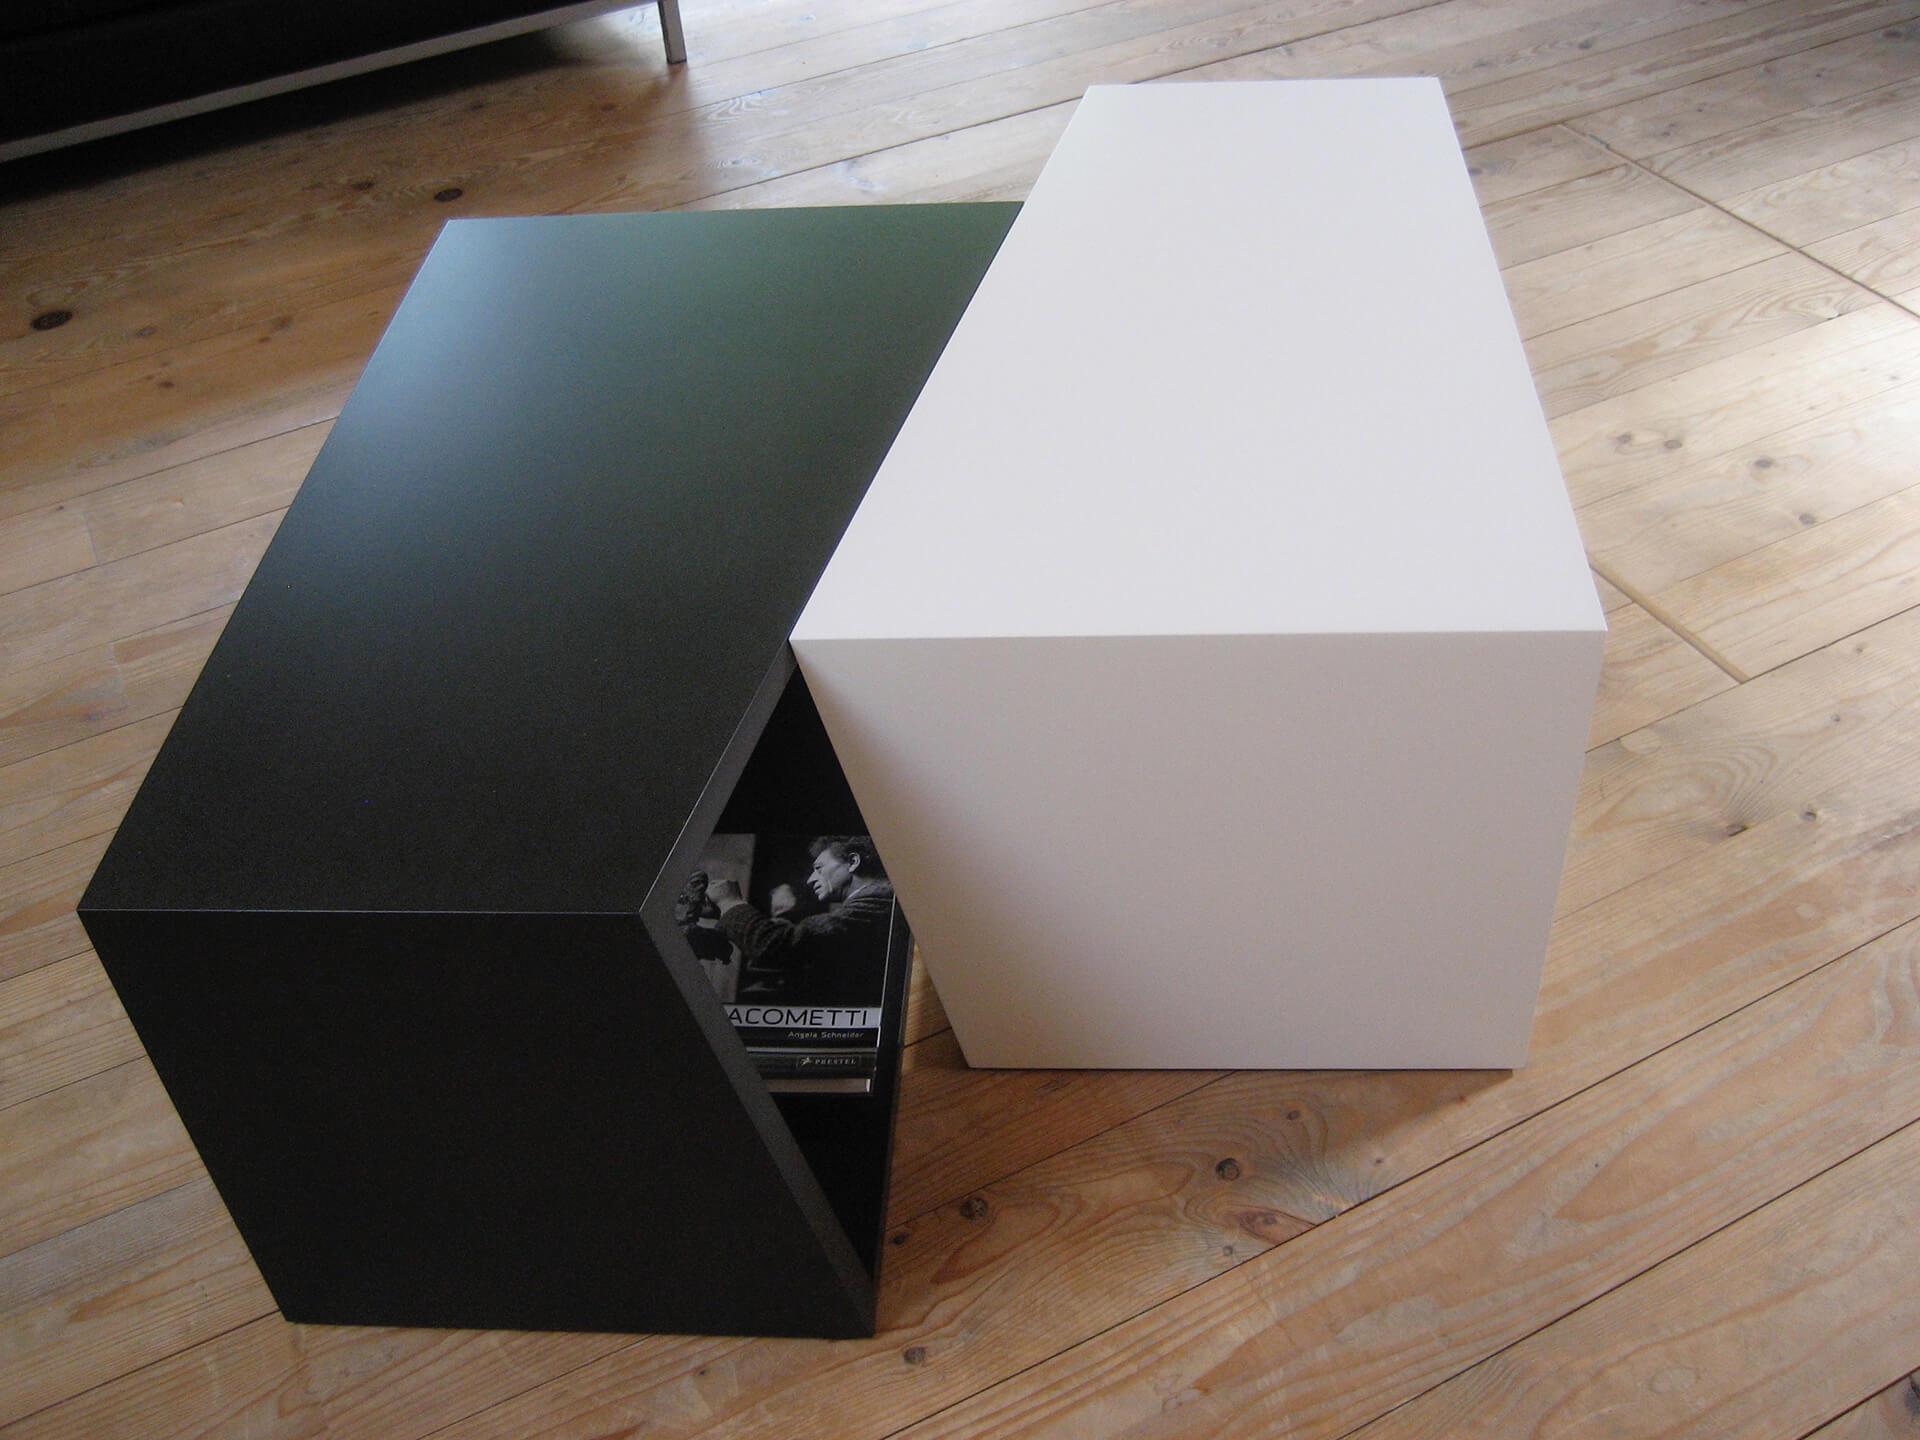 CUBI Tisch in Schwarz und Weiß. Etwas versetzet hingestellt.